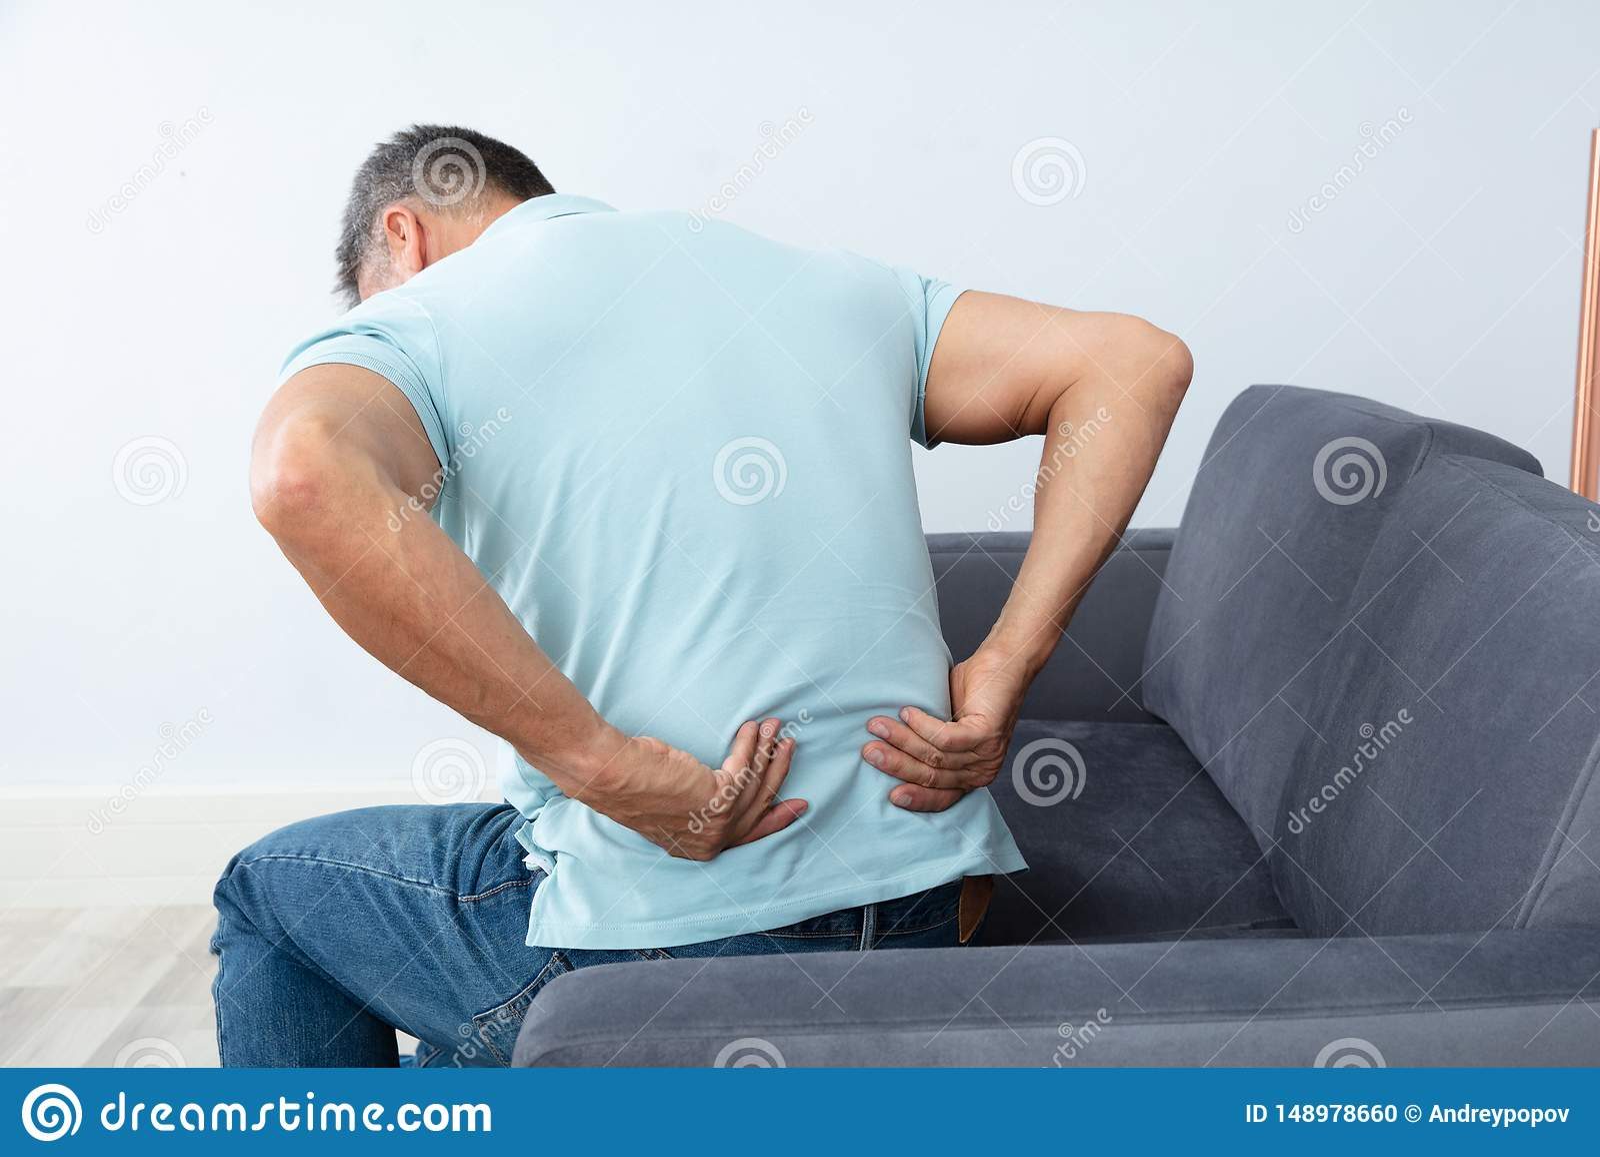 Ώριμο άτομο που πάσχει από τον πόνο στην πλάτη